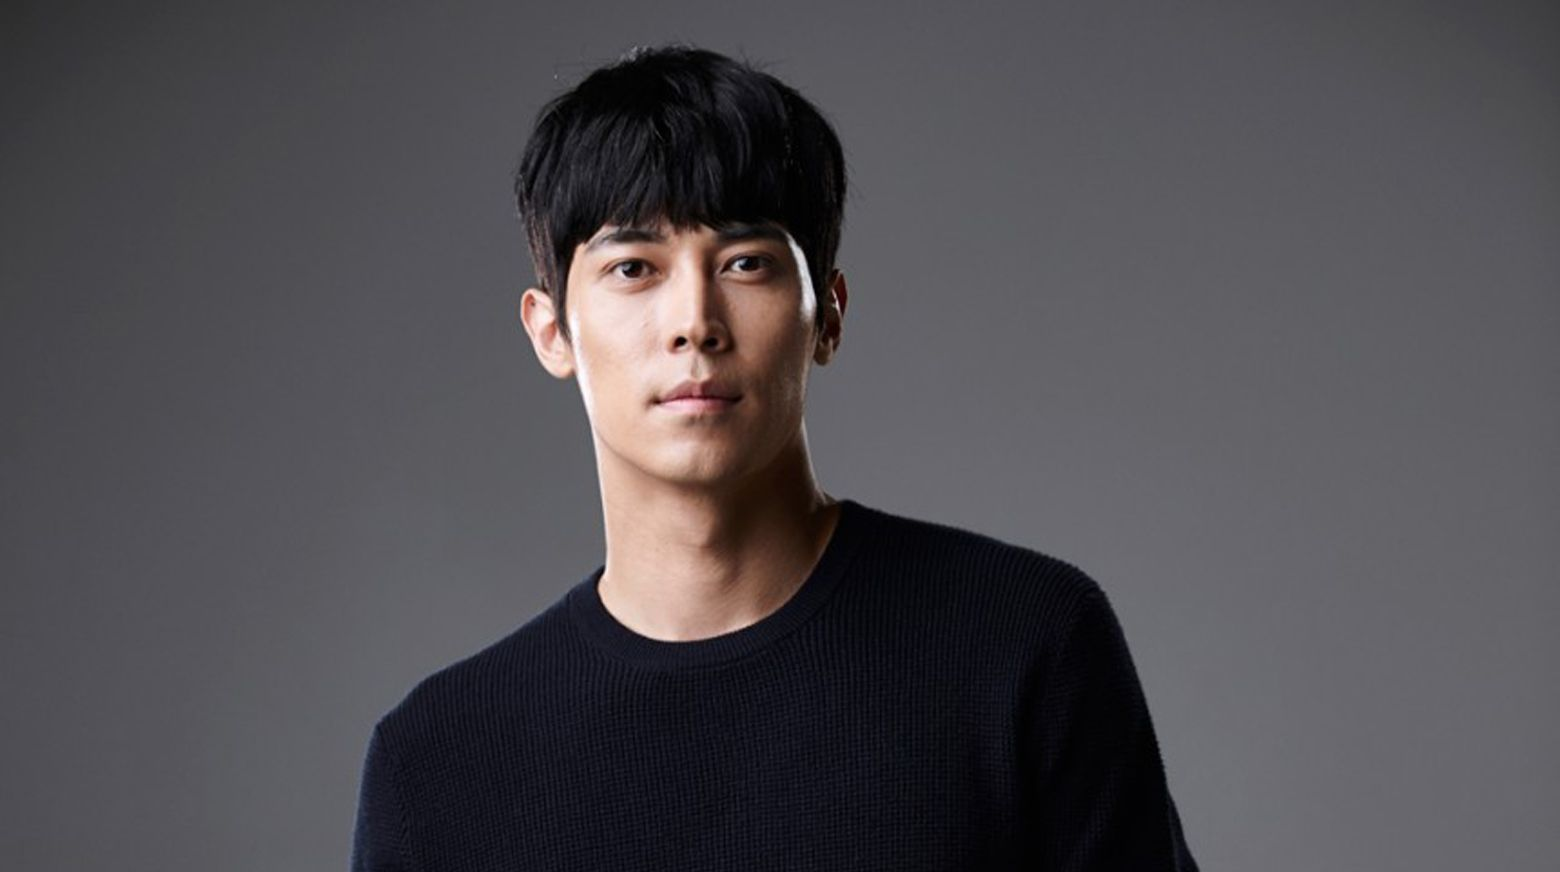 Kim Hyung min dating dating nettsteder vurderinger 2014